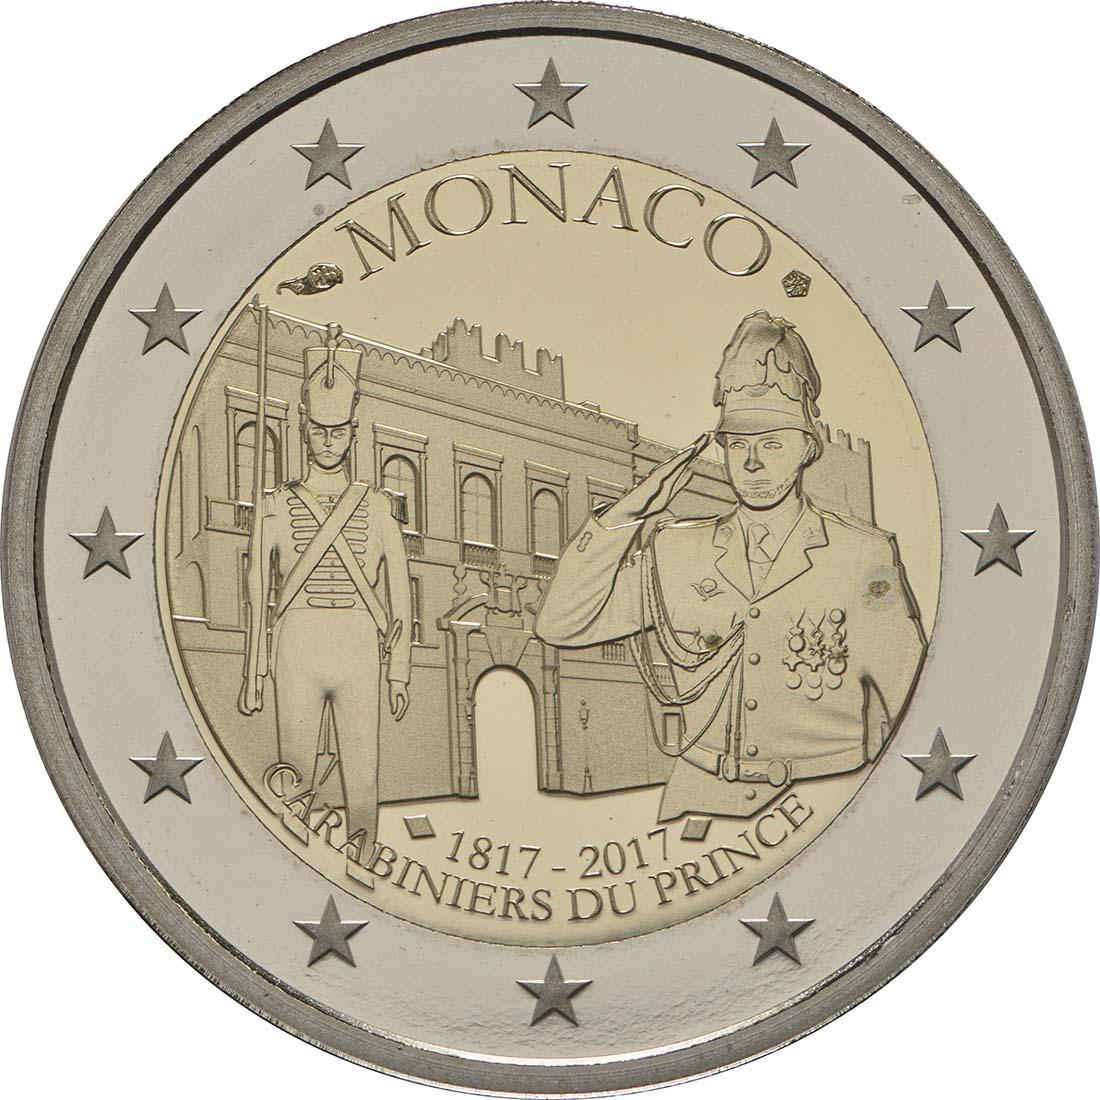 2017 290 Monaco Karabiniers.jpg